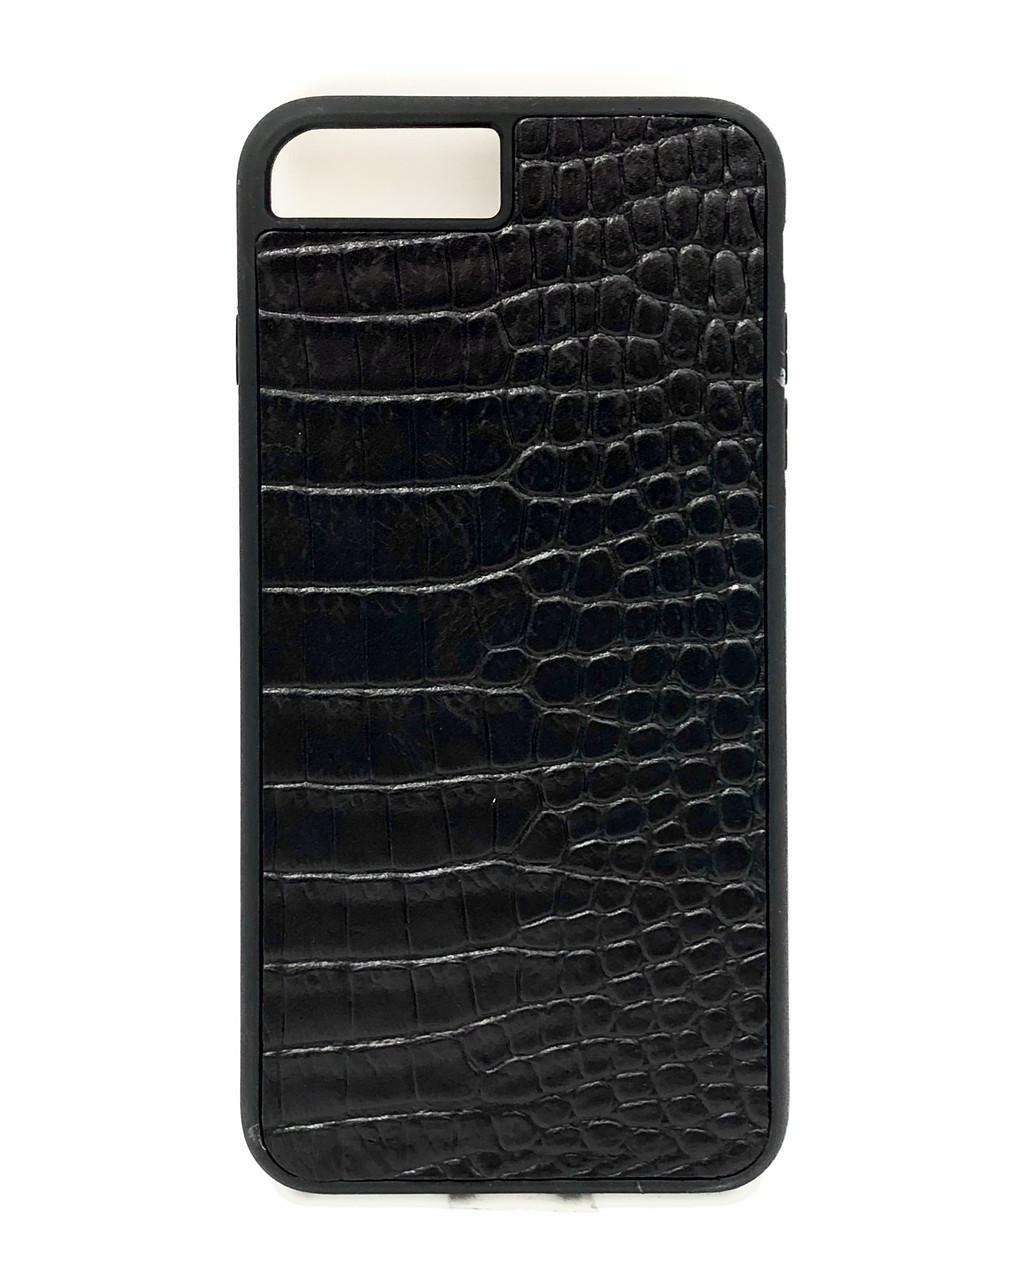 Чехол для iPhone 7+/8+ черного цвета из Телячьей кожи тиснёной под Крокодила